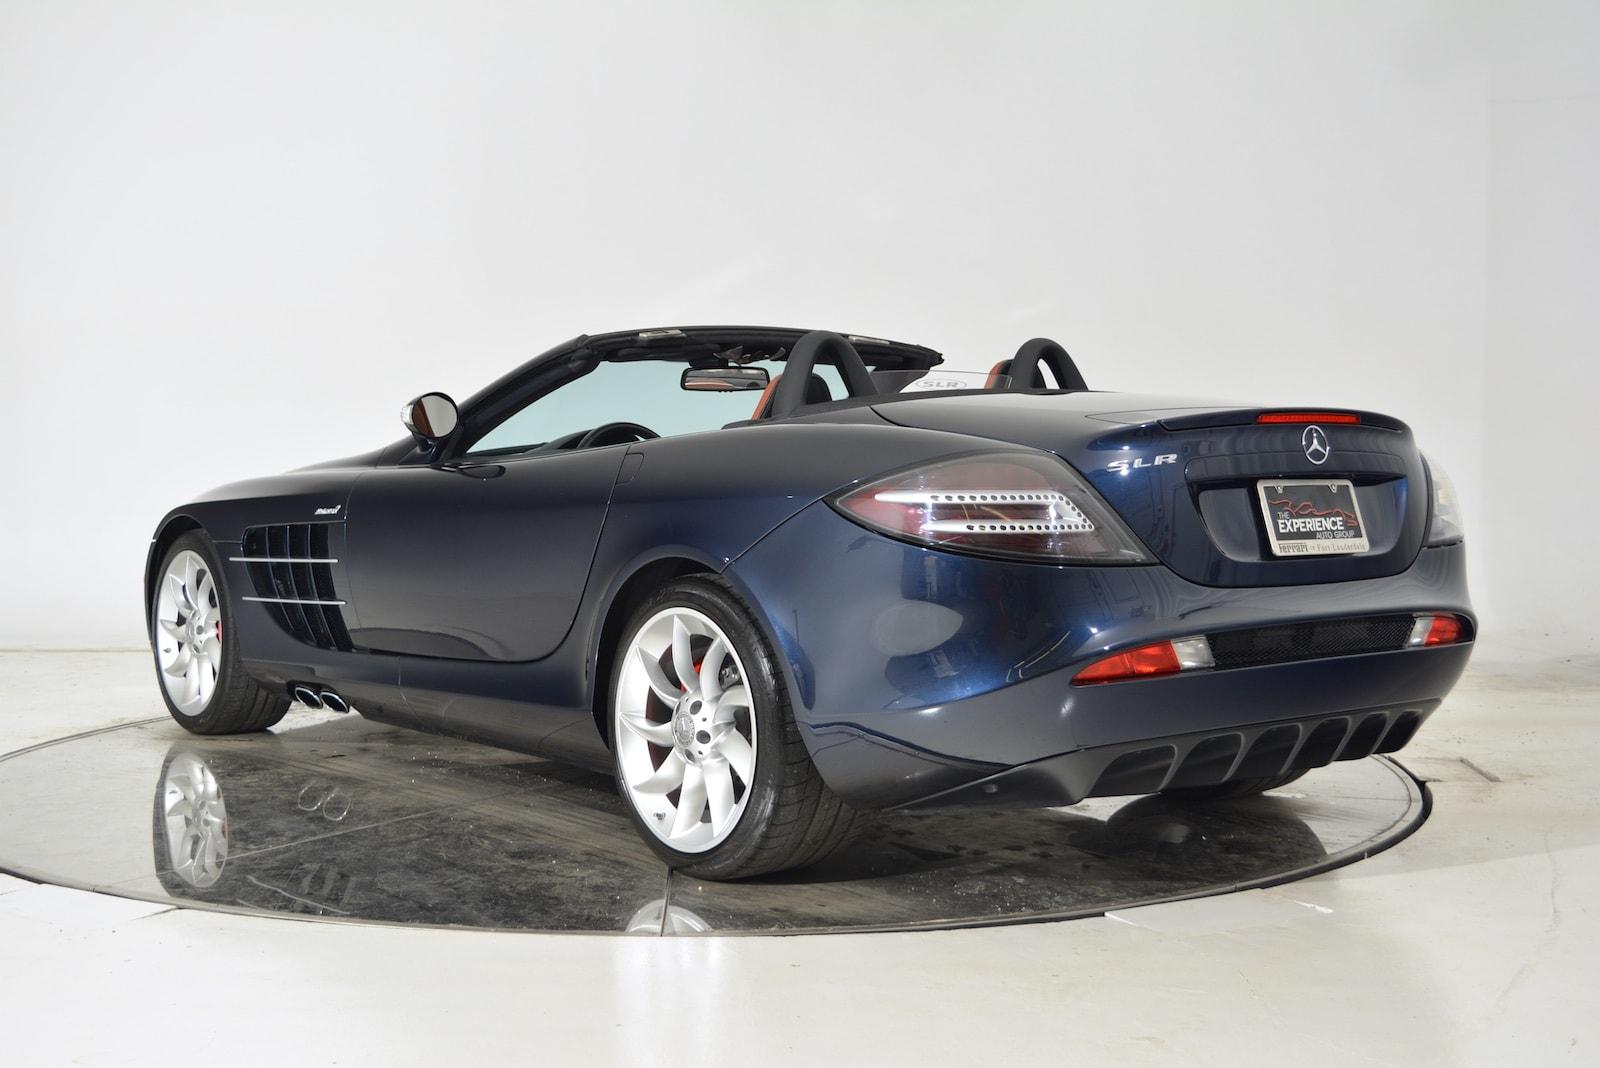 Used 2008 mercedes benz slr mclaren roadster in blue for for Mercedes benz mclaren slr